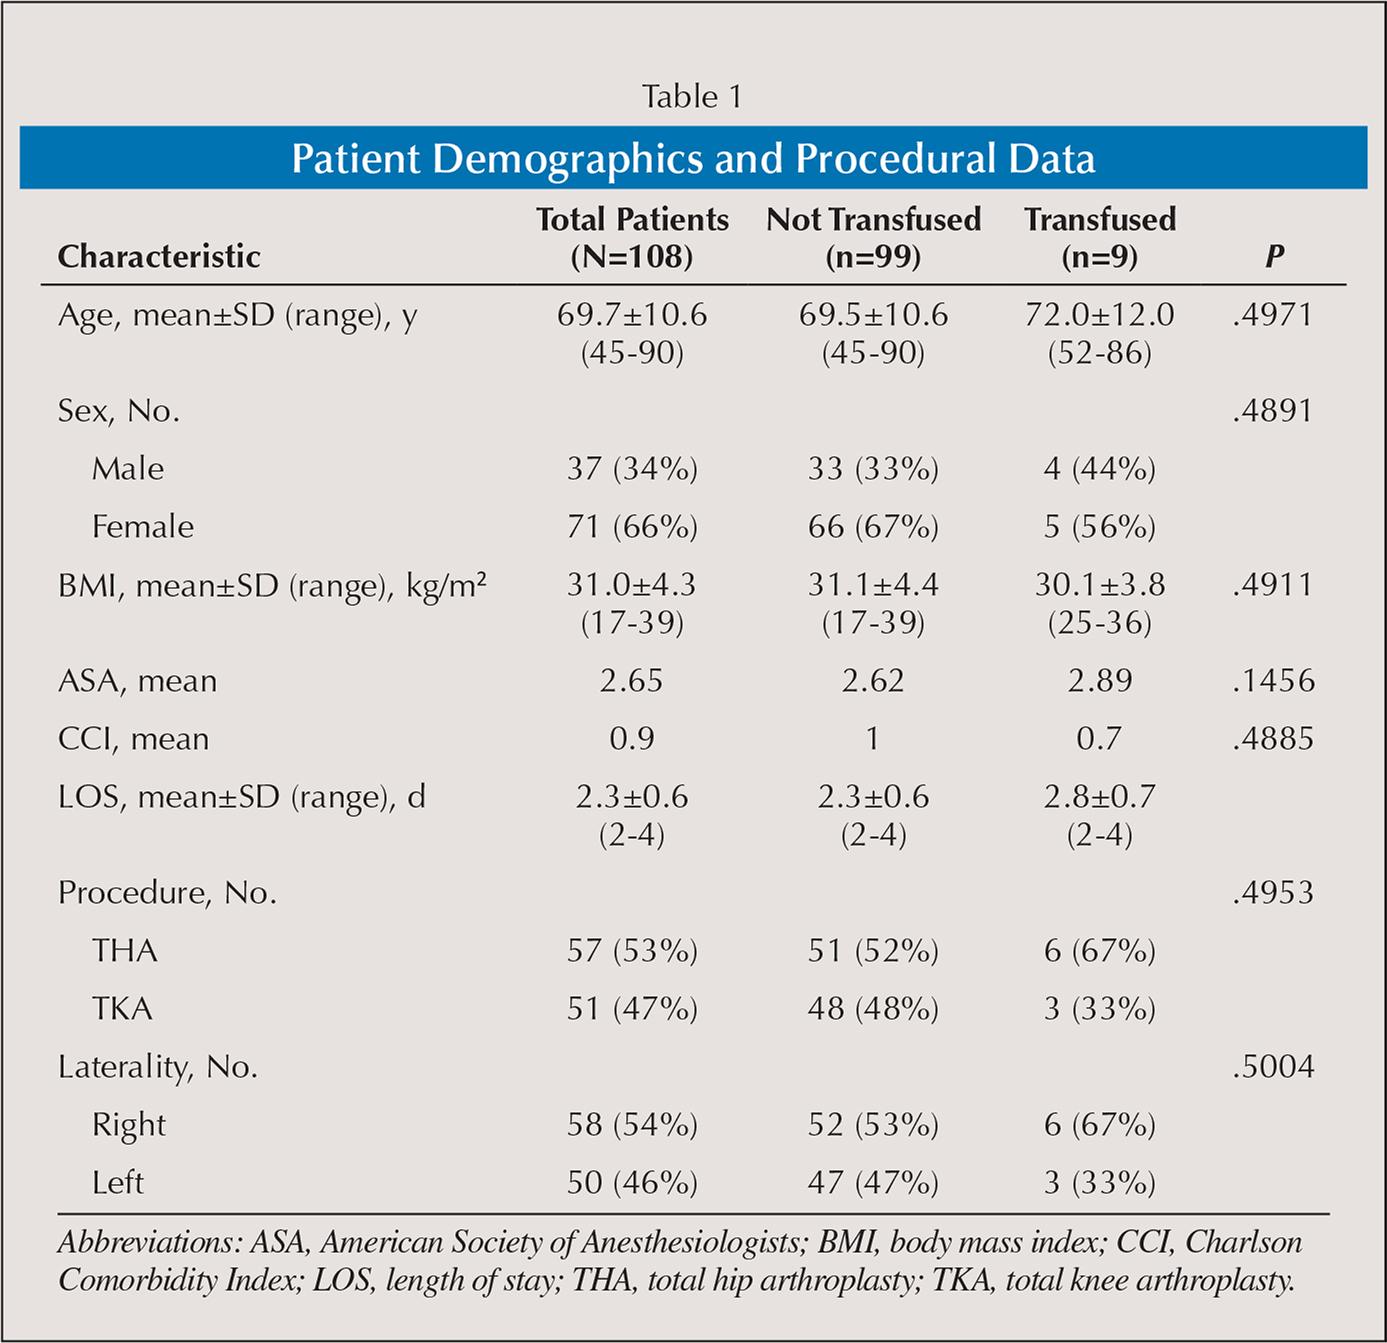 Patient Demographics and Procedural Data